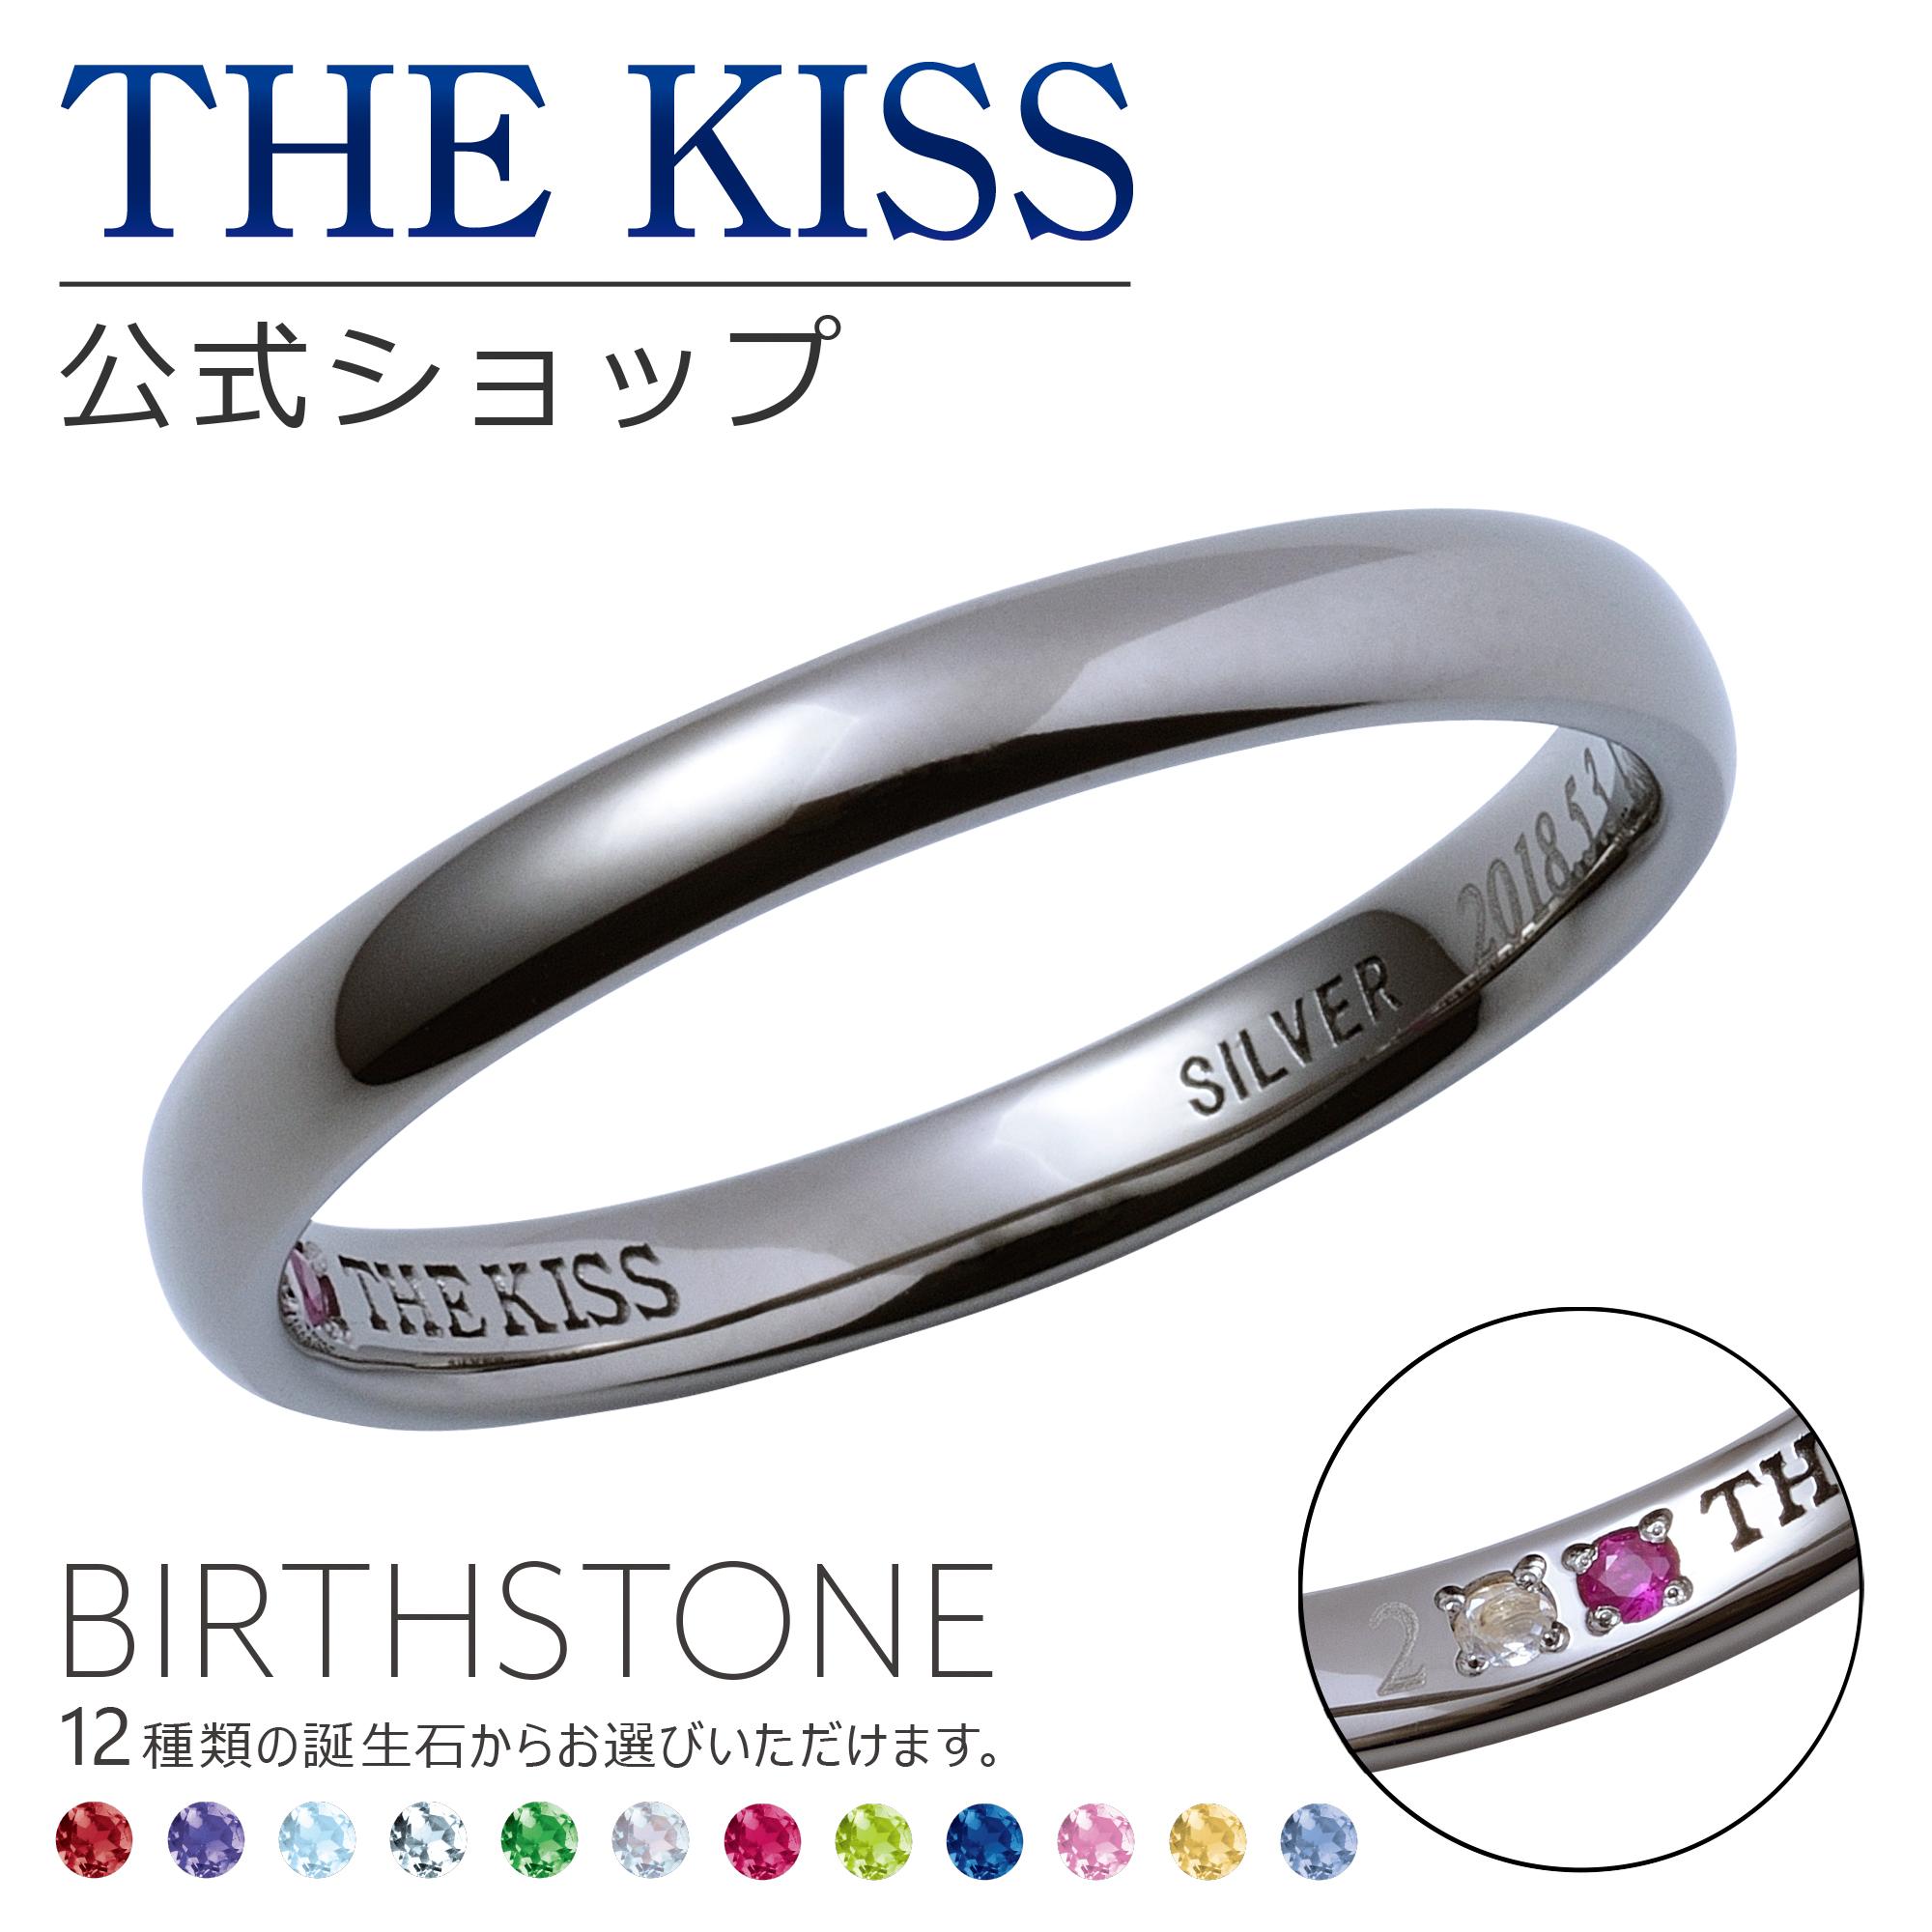 【刻印可_20文字】【代引不可】【THE KISS COUPLE'S】THE KISS 公式サイト セミオーダー シルバー ペアリング ( メンズ 単品 ) ペアアクセサリー カップル に 人気 の ジュエリーブランド THEKISS ペア リング・指輪 誕生石 ザキス BD-R1501SVBK 【送料無料】